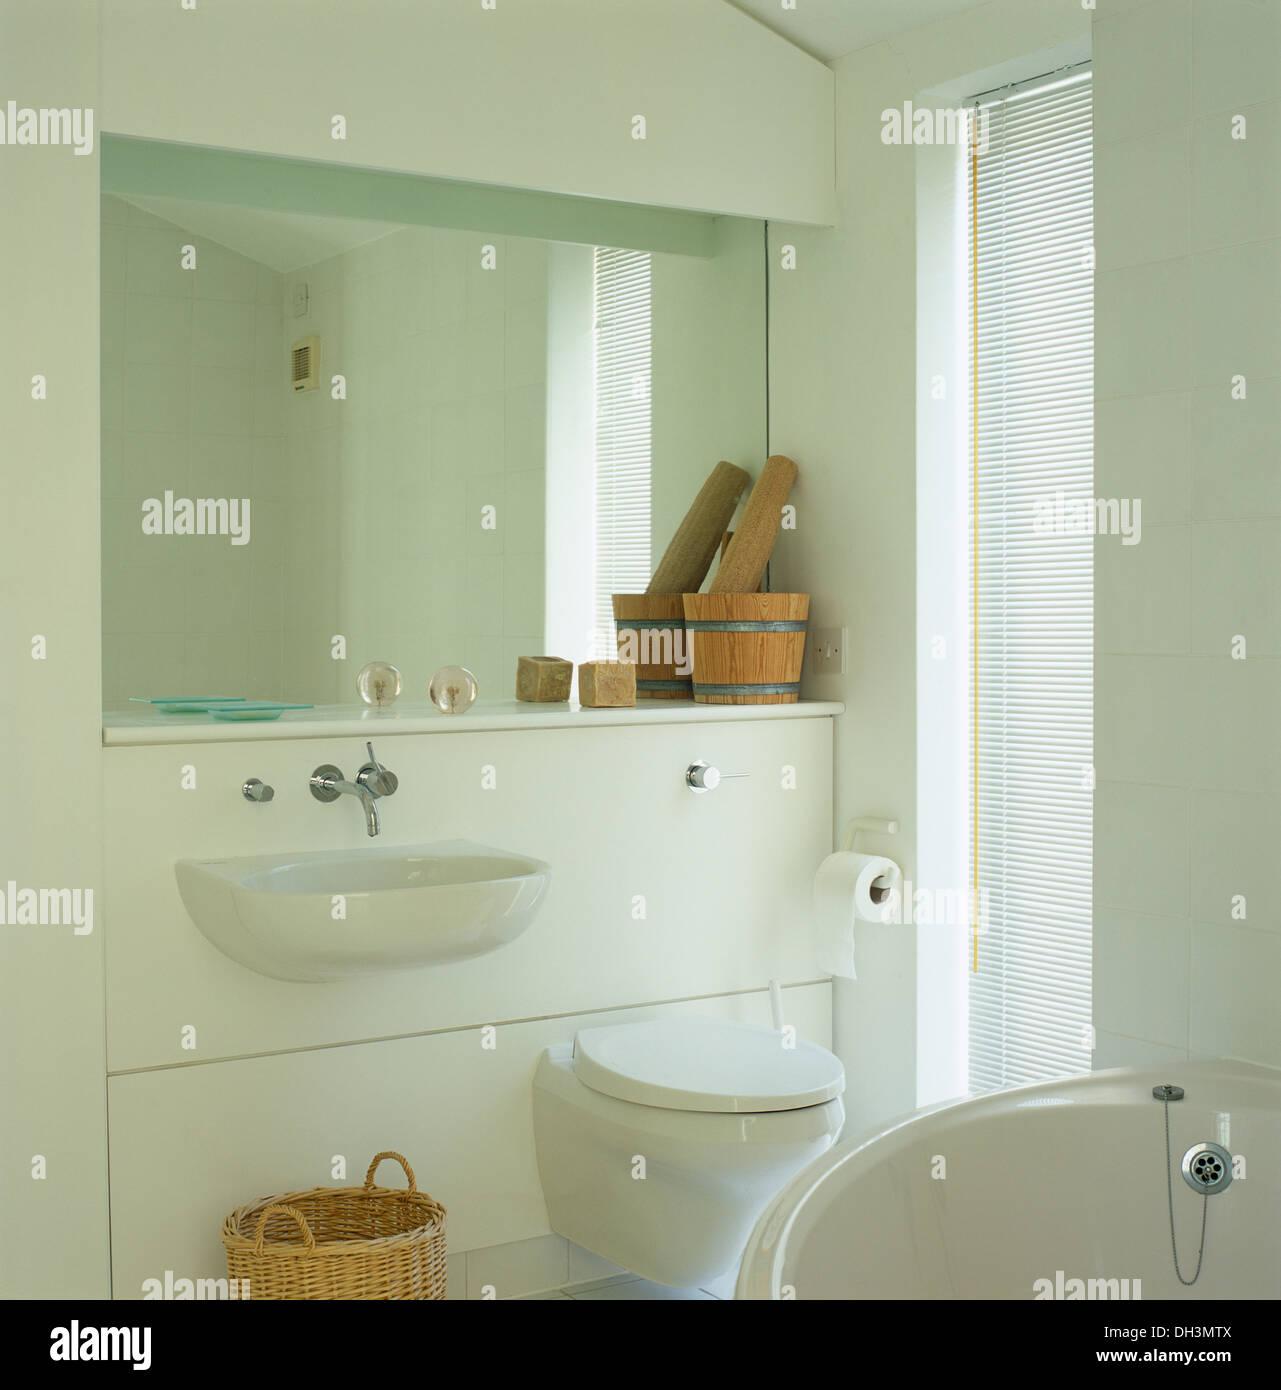 Miroir Et Tablette Avec Pilon En Bois Fixee Au Mur Au Dessus